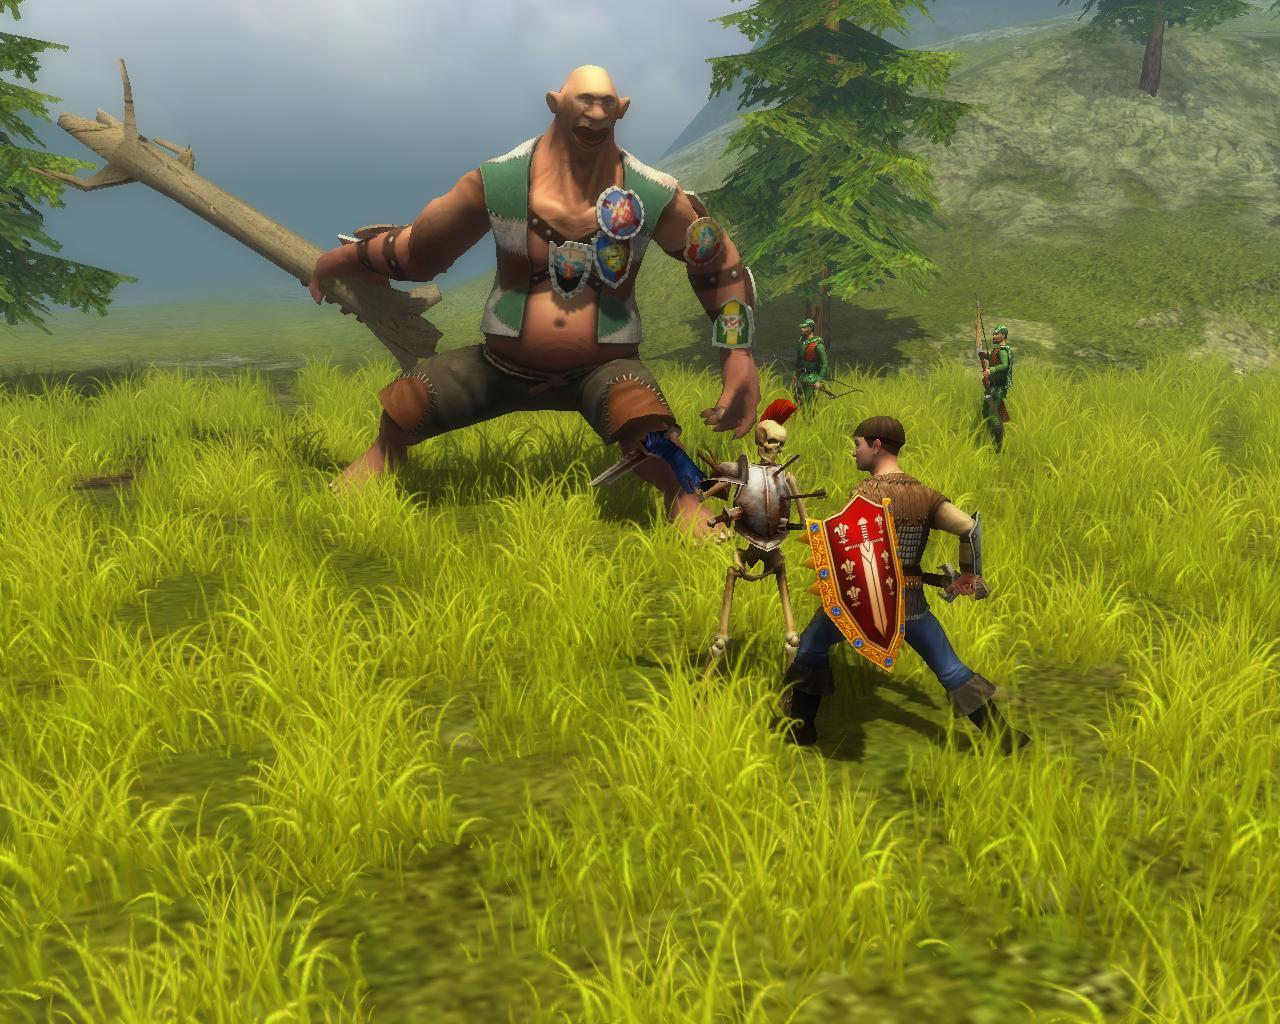 Majesty 2 monster kingdom скачать торрент бесплатно на компьютер (pc).